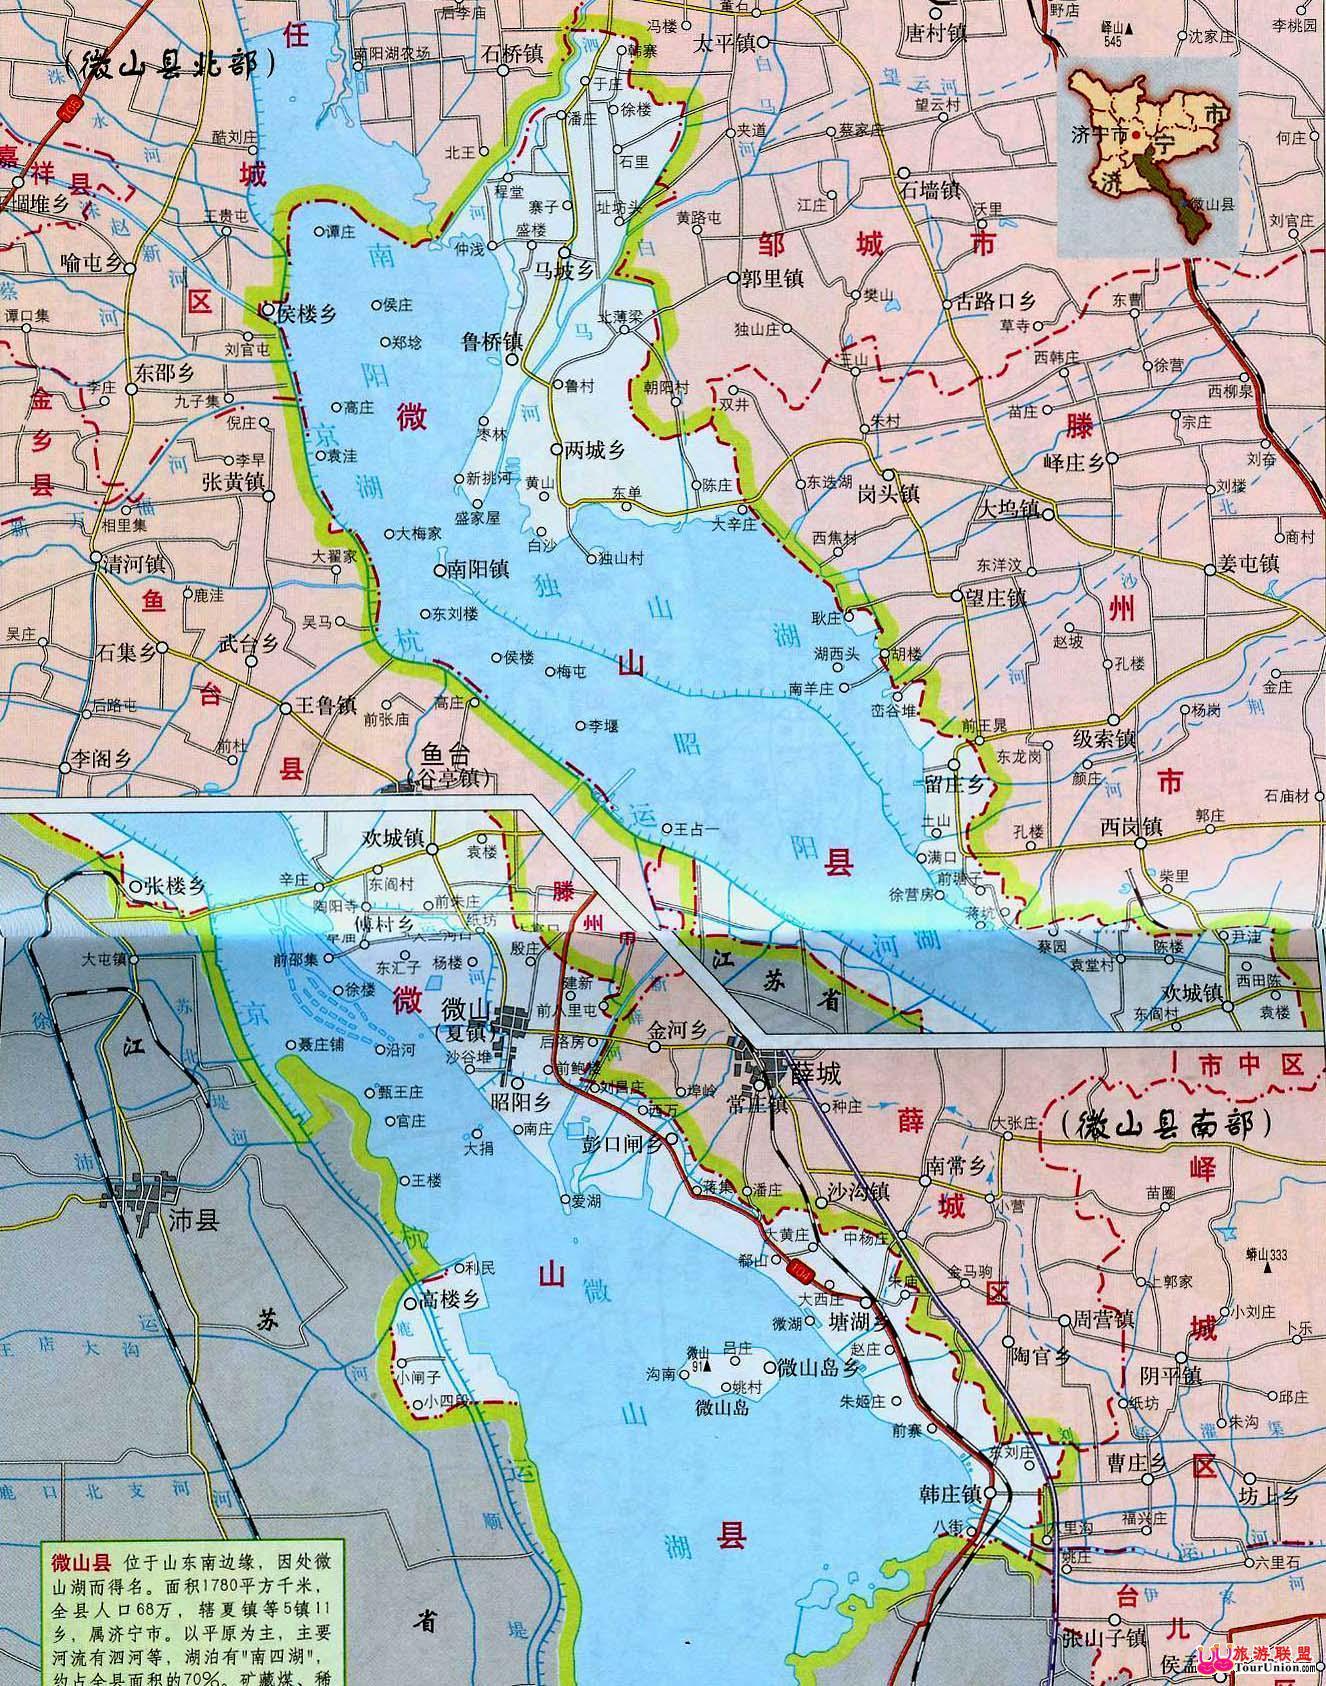 微山岛是湖中第一大岛,文化古迹众多,境内有殷周微子墓,汉初张良墓